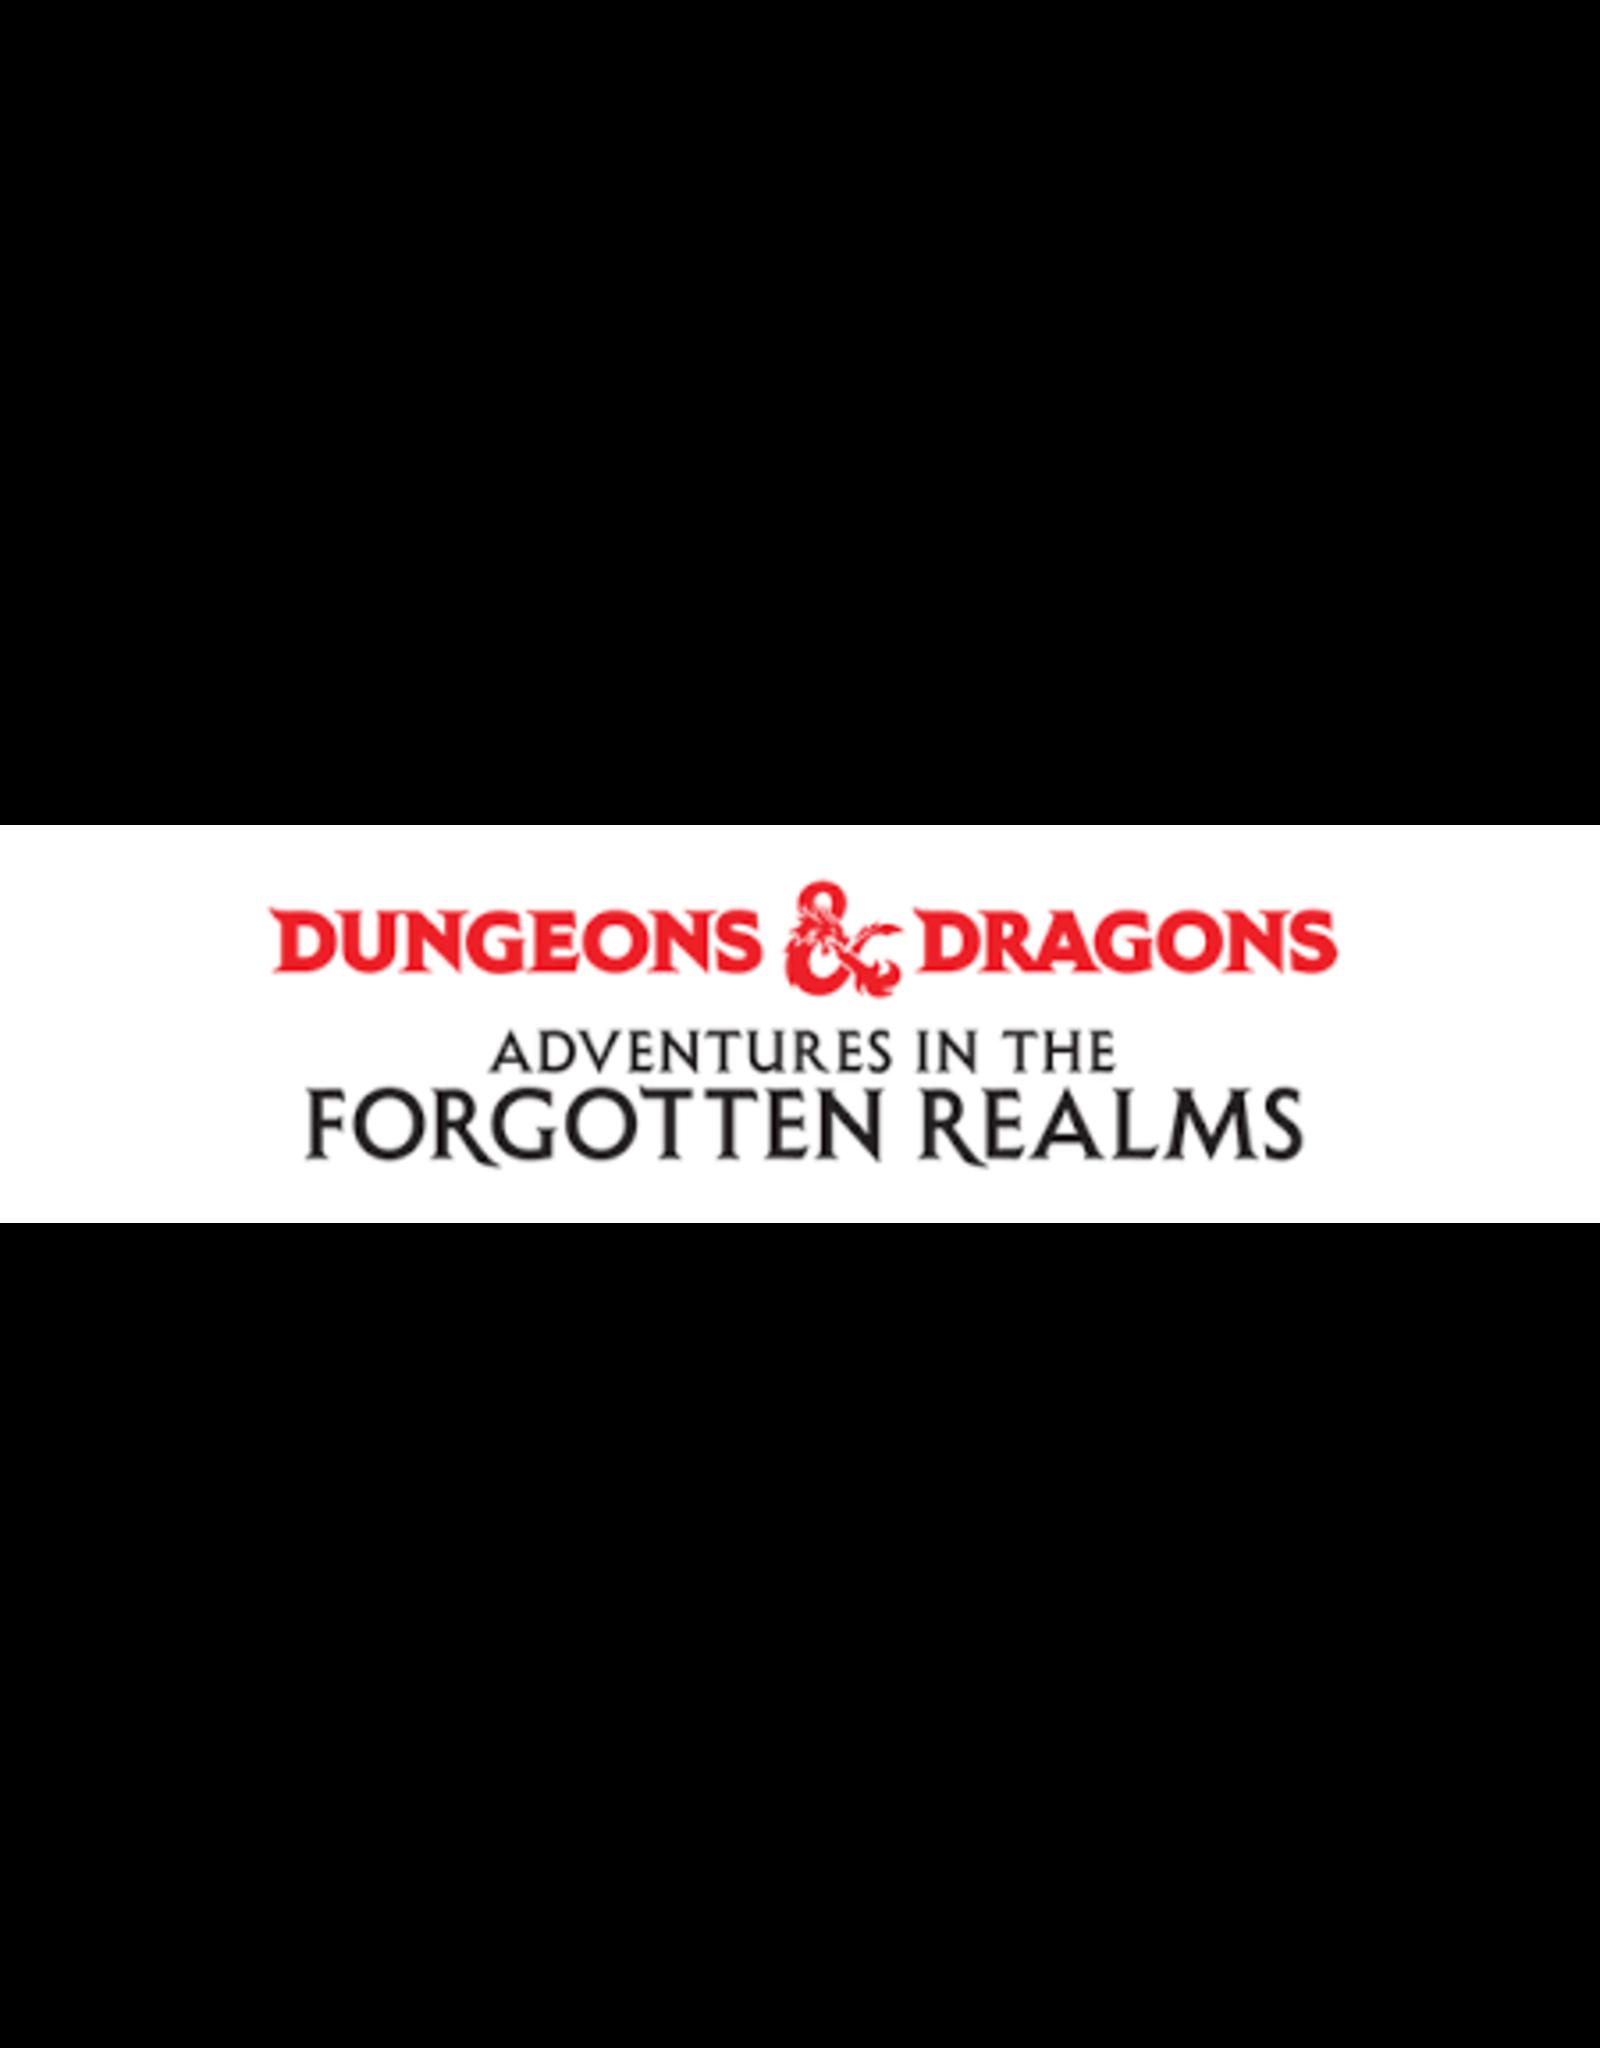 Magic Magic: Adv in the Forgotten Realms Theme Booster Box (12)